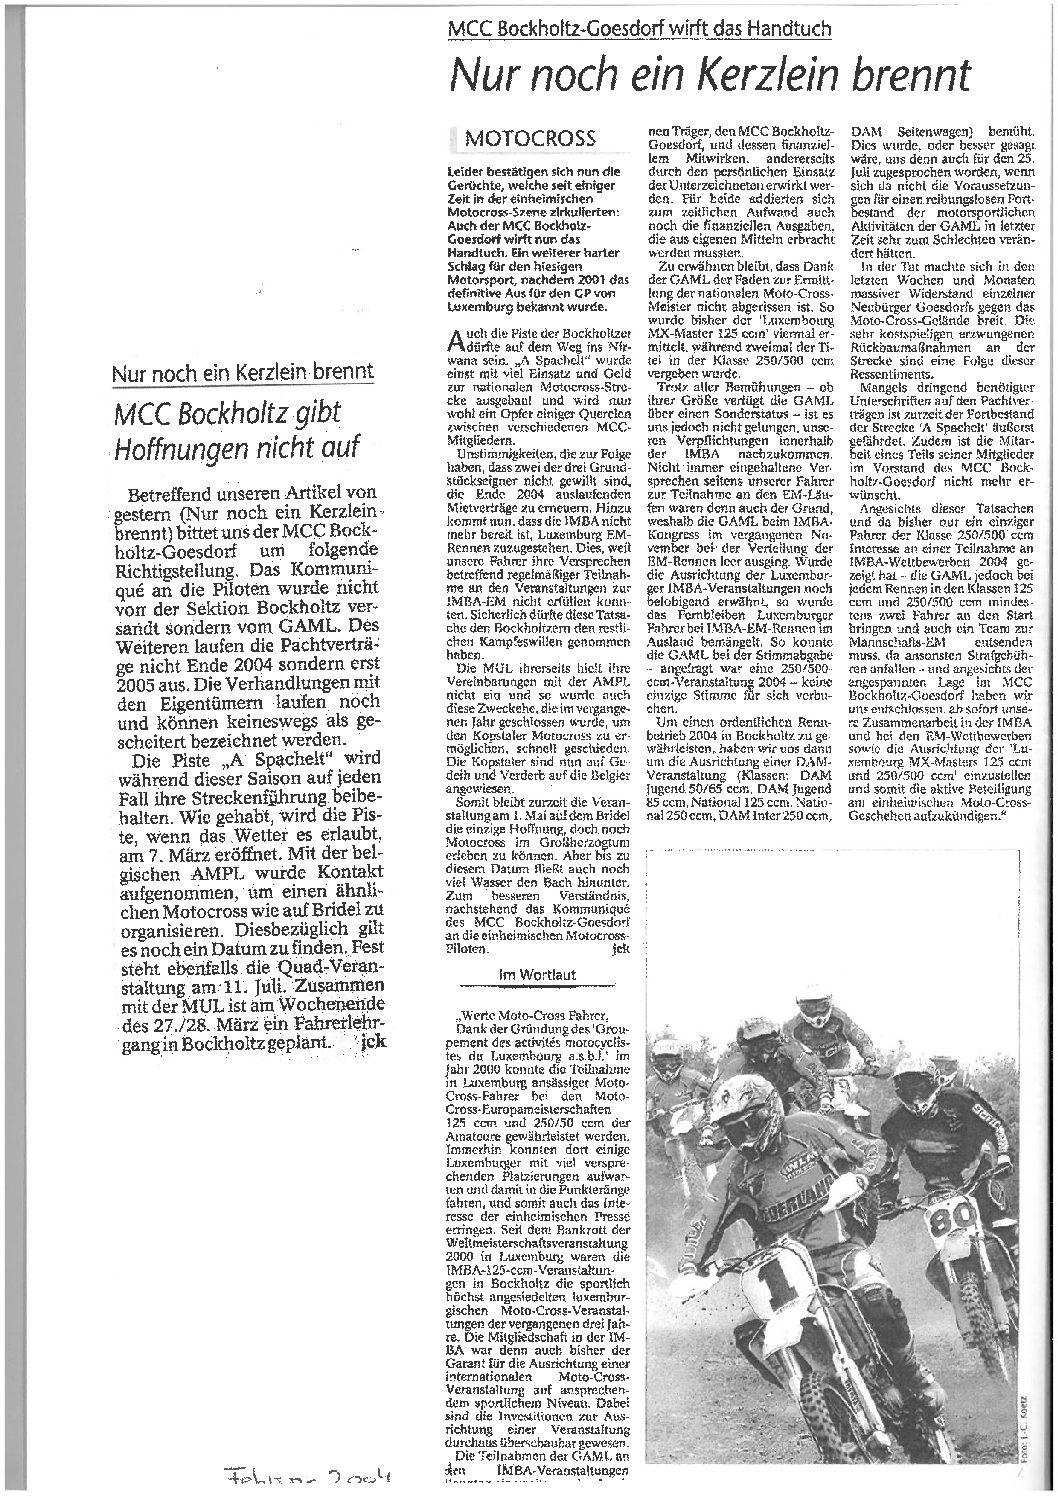 Article - février 2004